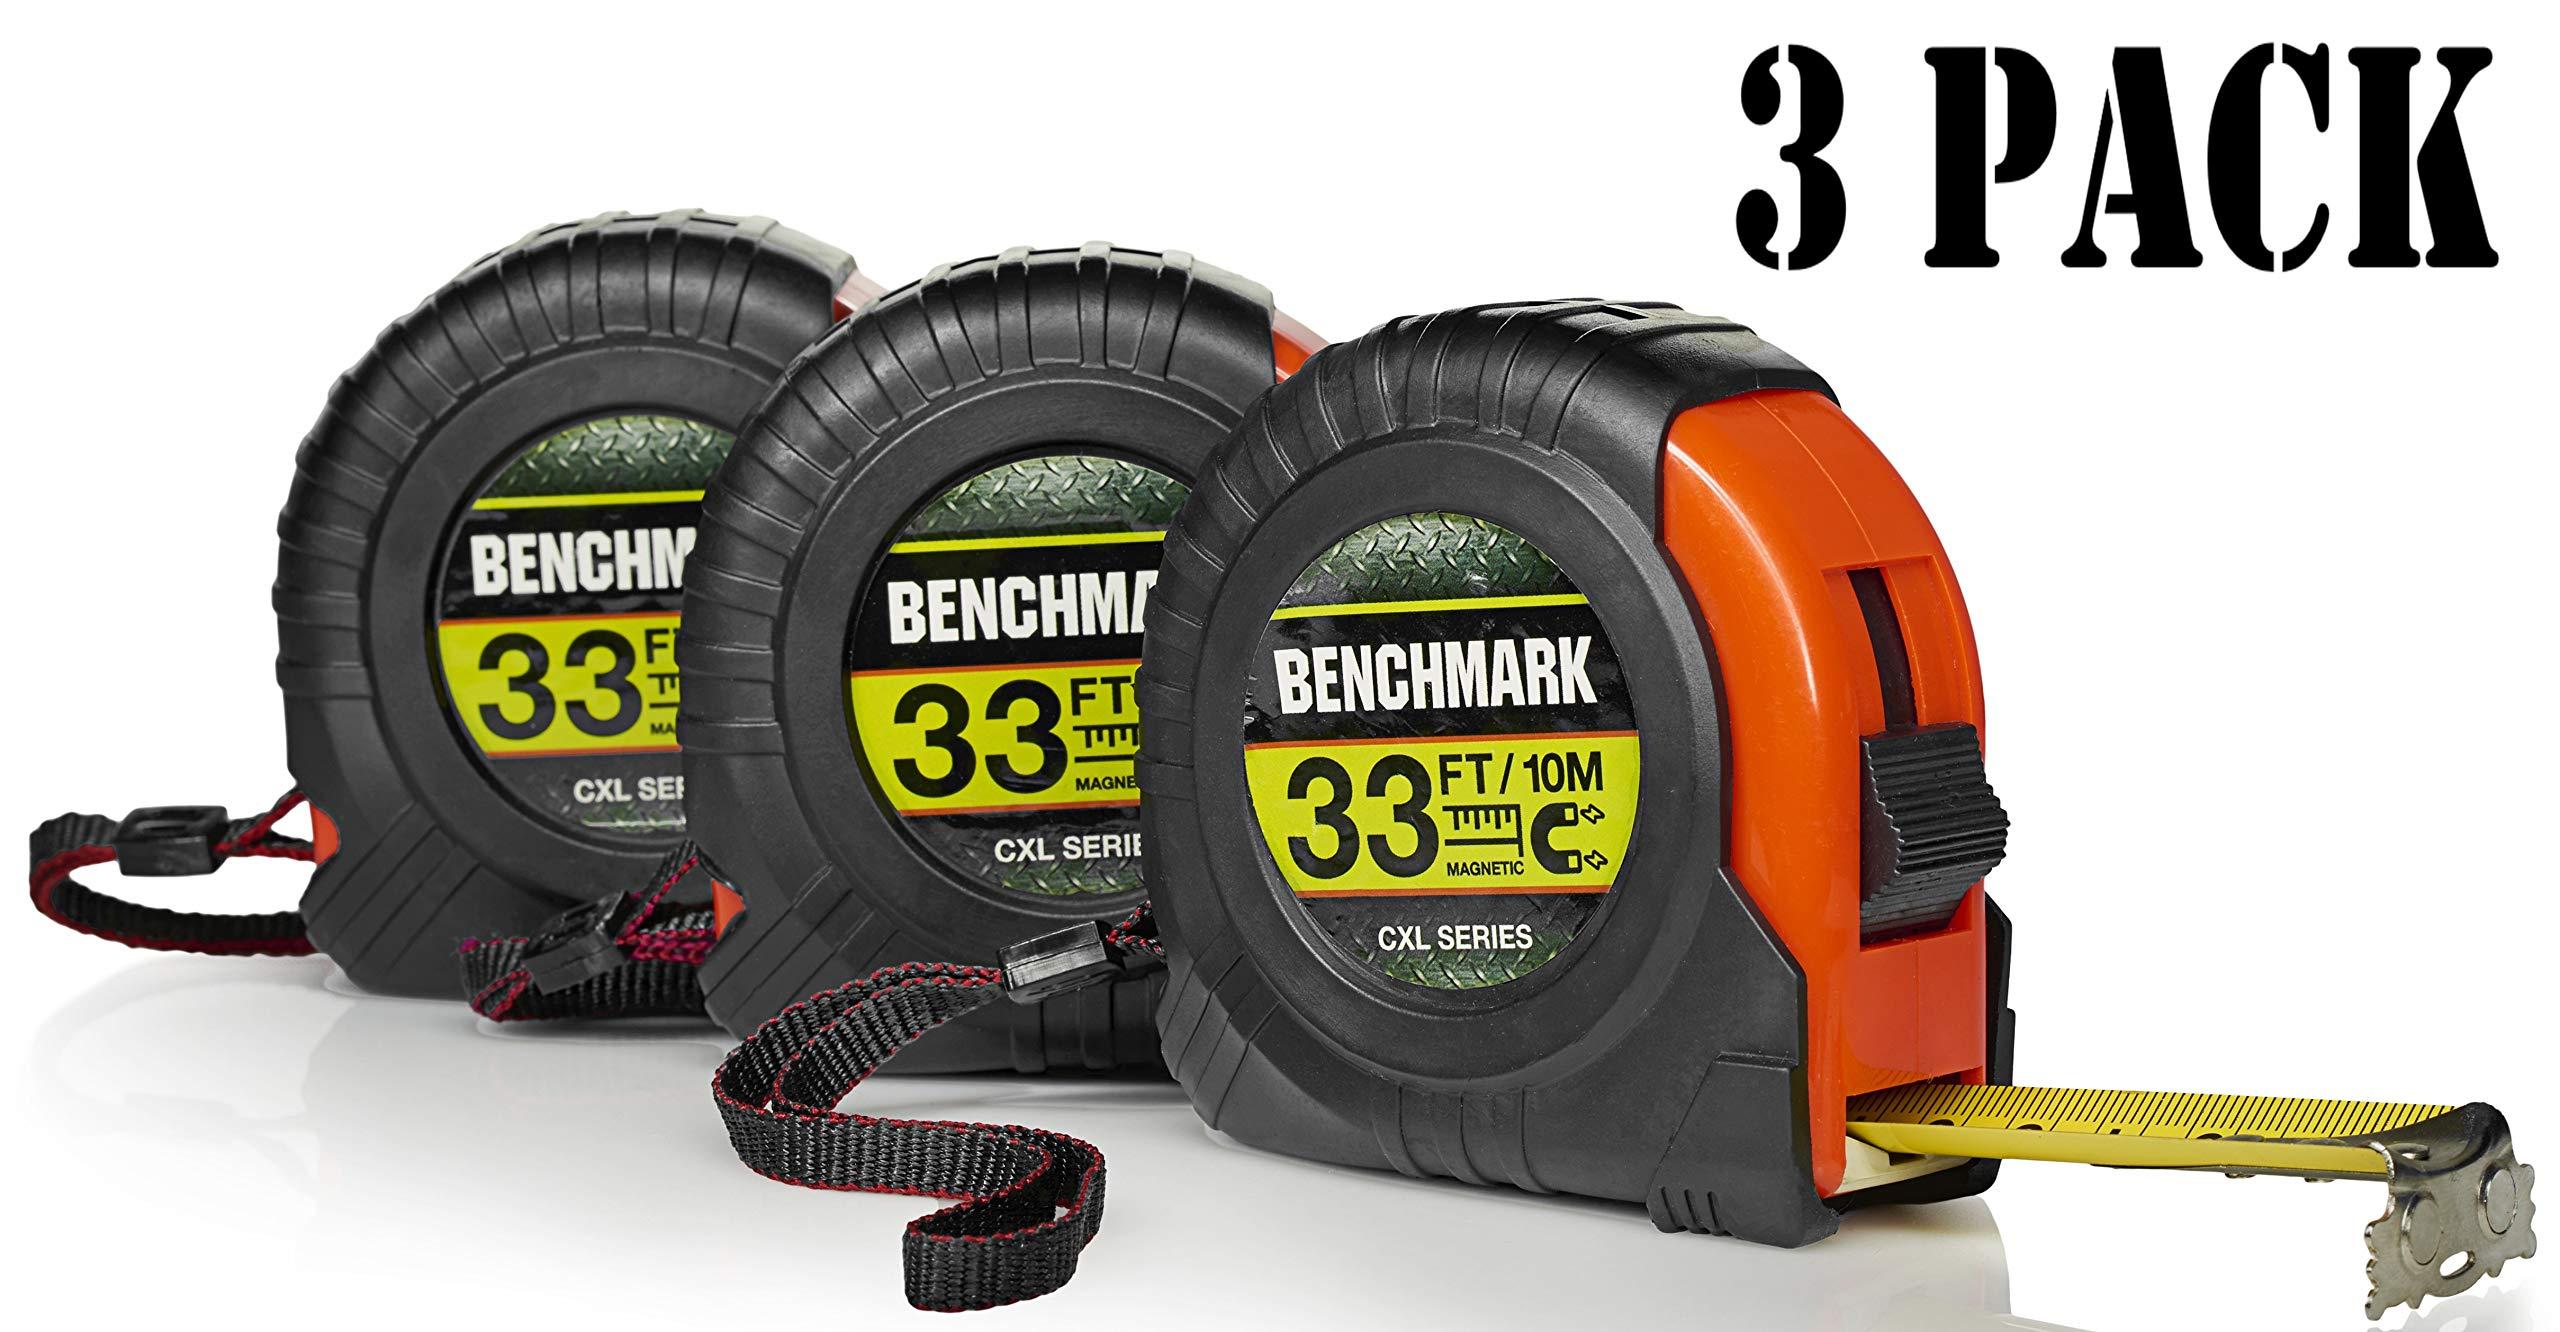 3 PACK - 33 Foot Tape Measure - Benchmark CXL Series - Measuring Tape/Tape Measures